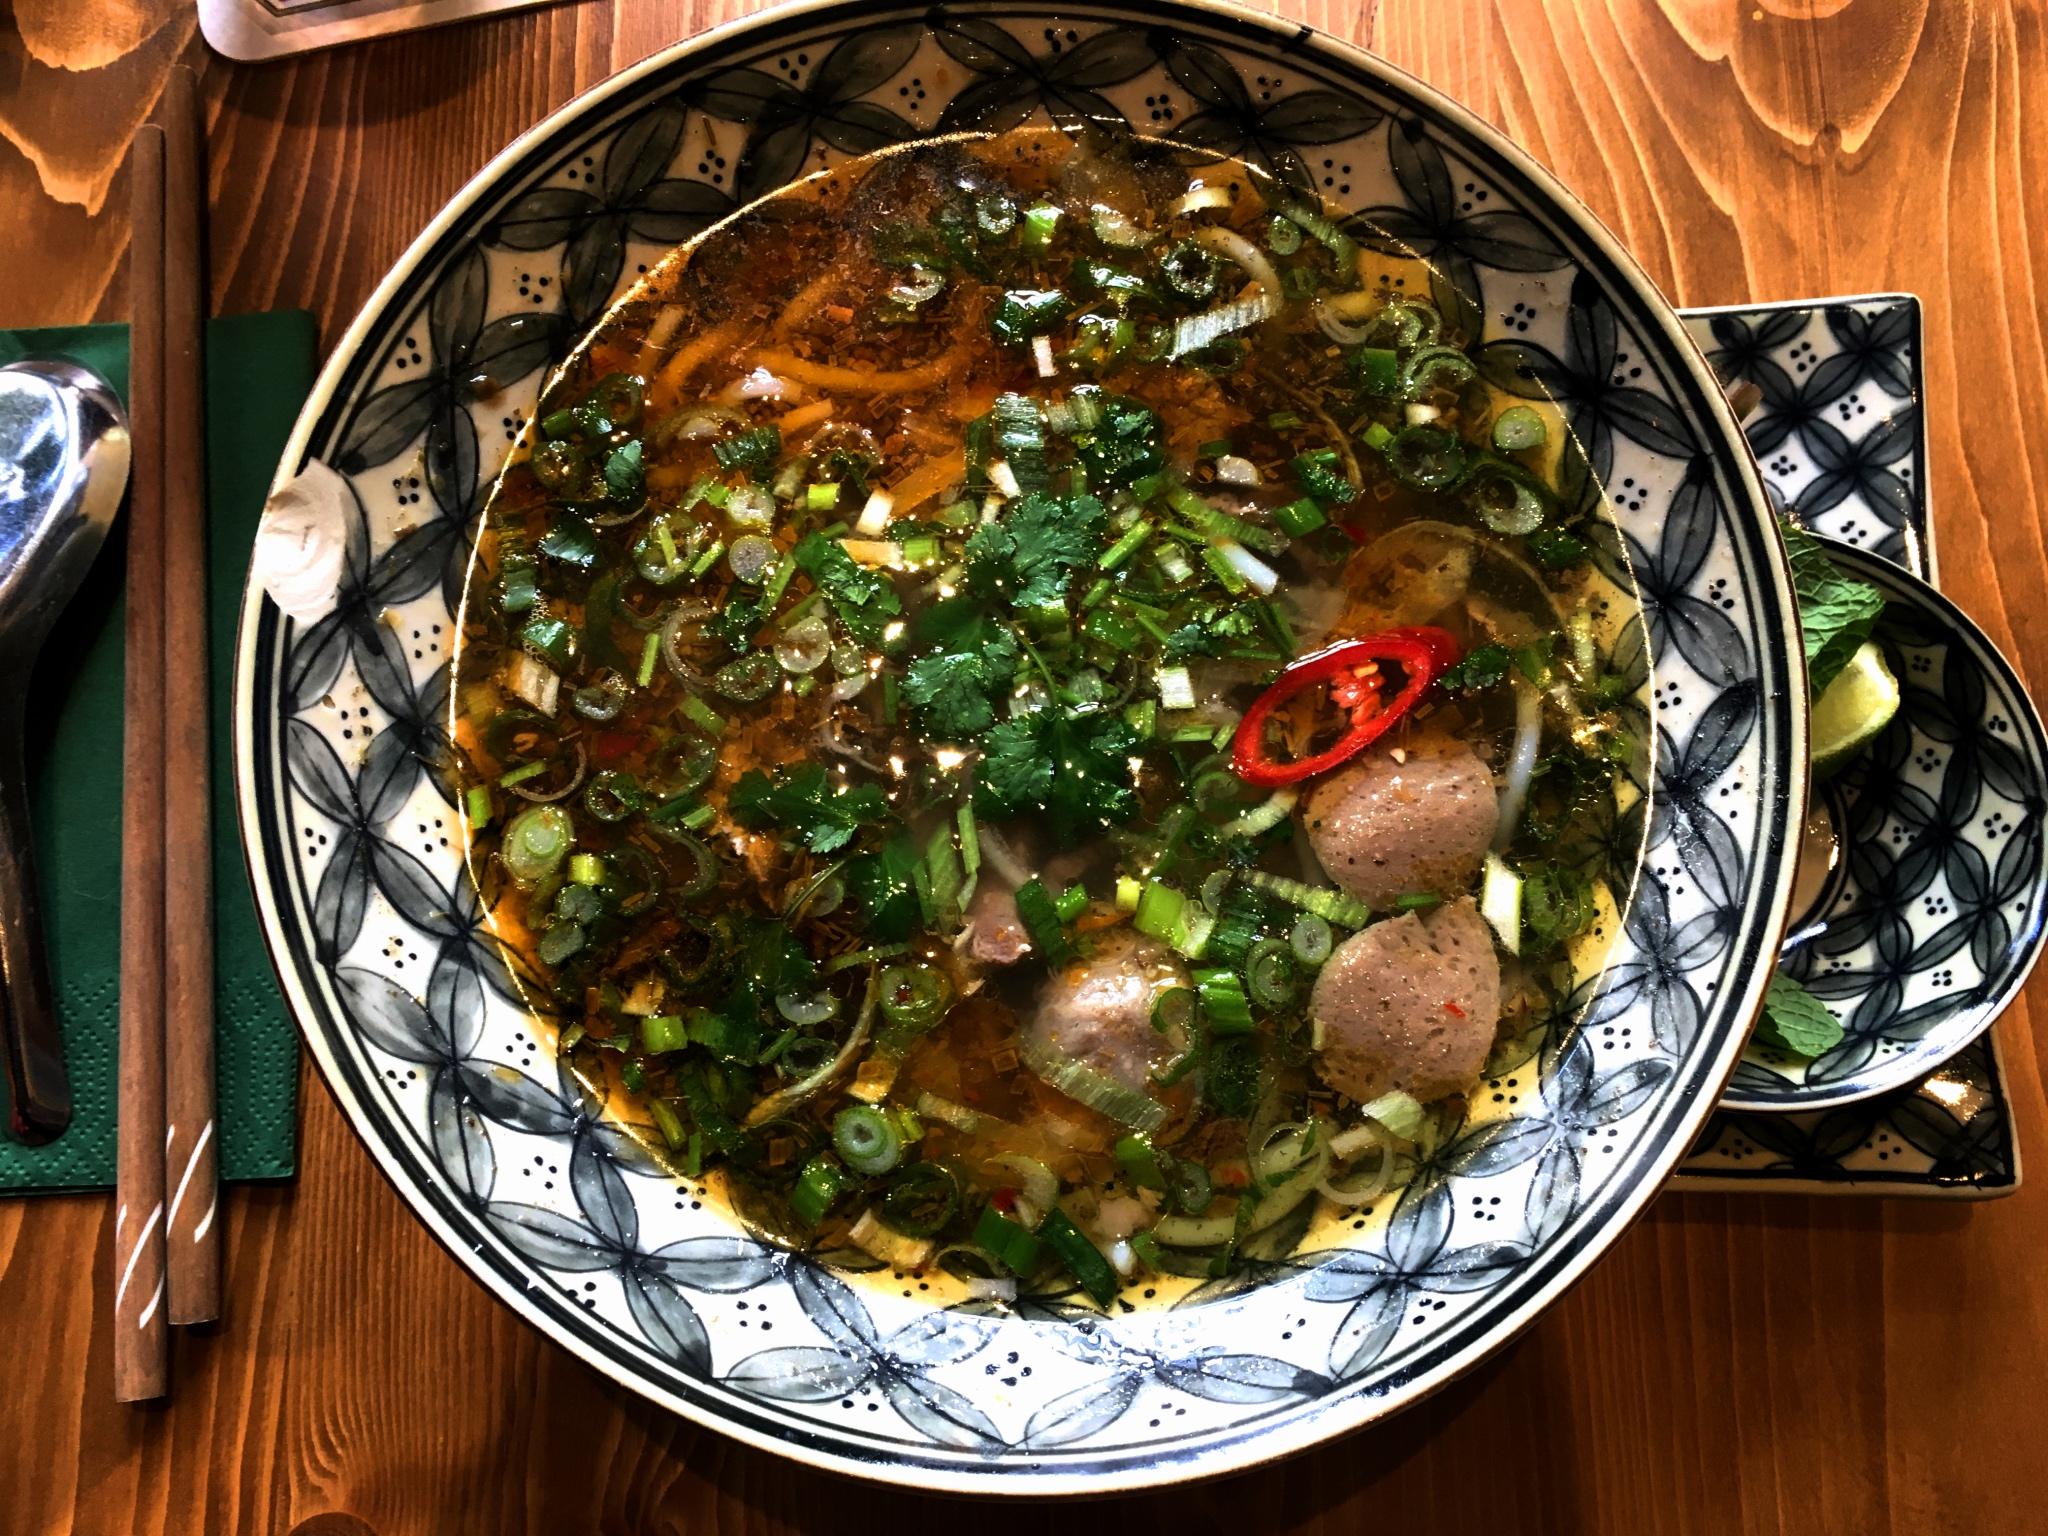 Asiatische Köstlichkeiten. Symbolfoto: Anja Reichert